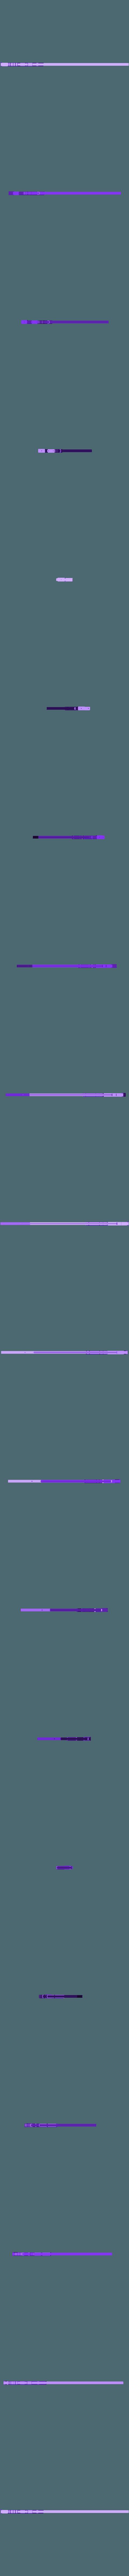 Black - Blade - Full (Advent Children).stl Download STL file Final Fantasy VII - Buster Sword - Bracelet - Shoulder pad  • 3D print model, 3Dutchie